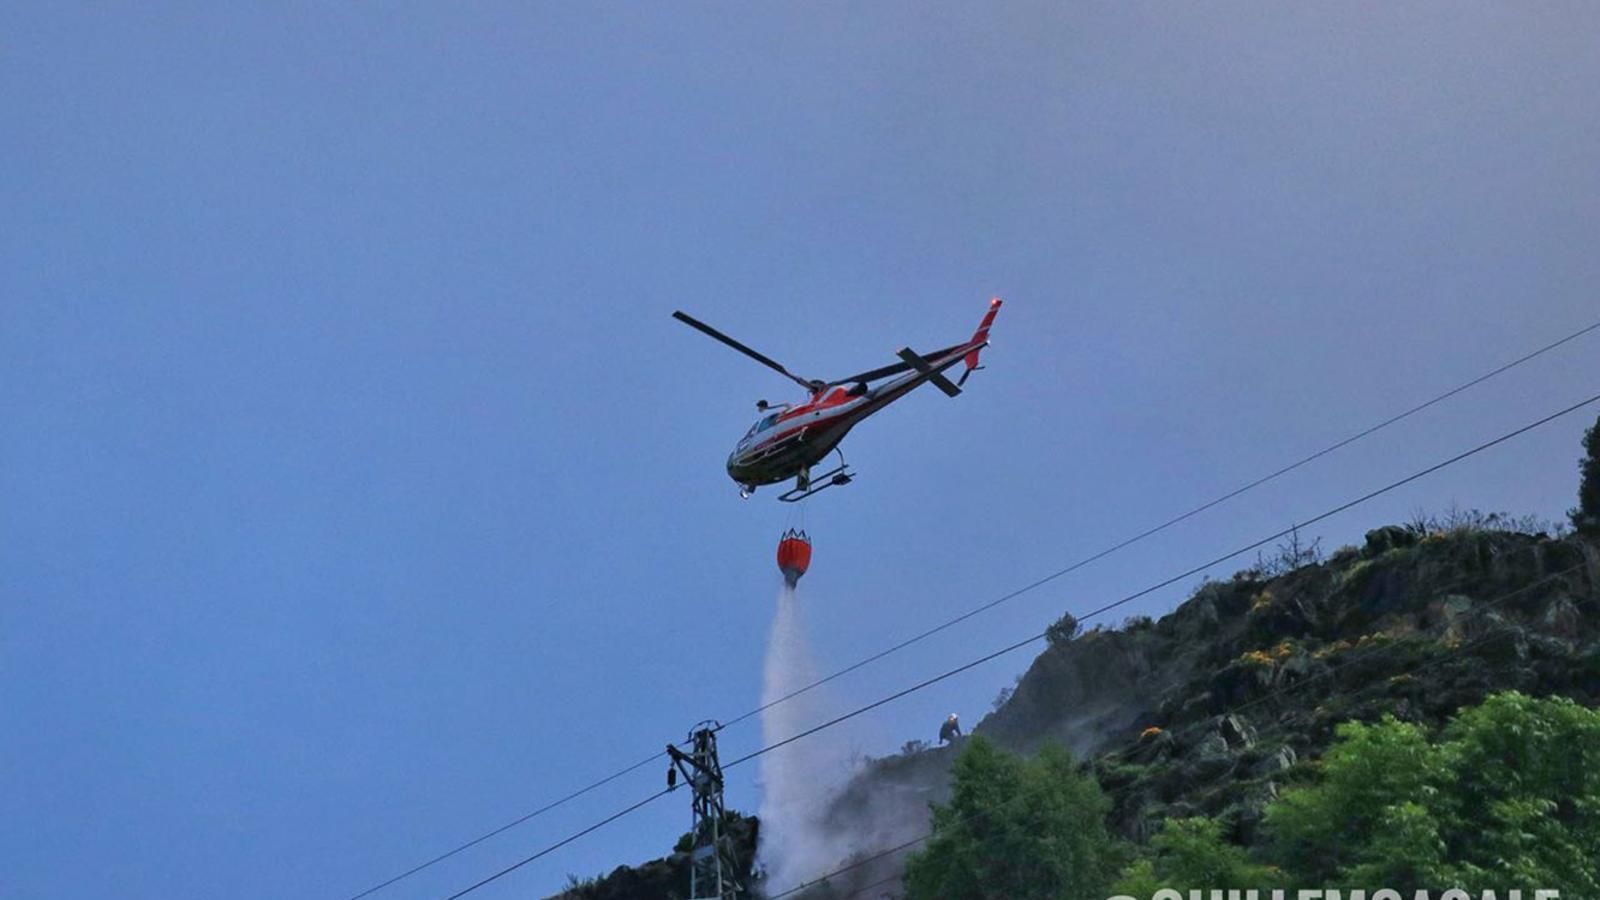 L'helicòpter, tirant aigua a la zona, aquest diumenge al matí. / GUILLEM CASAL